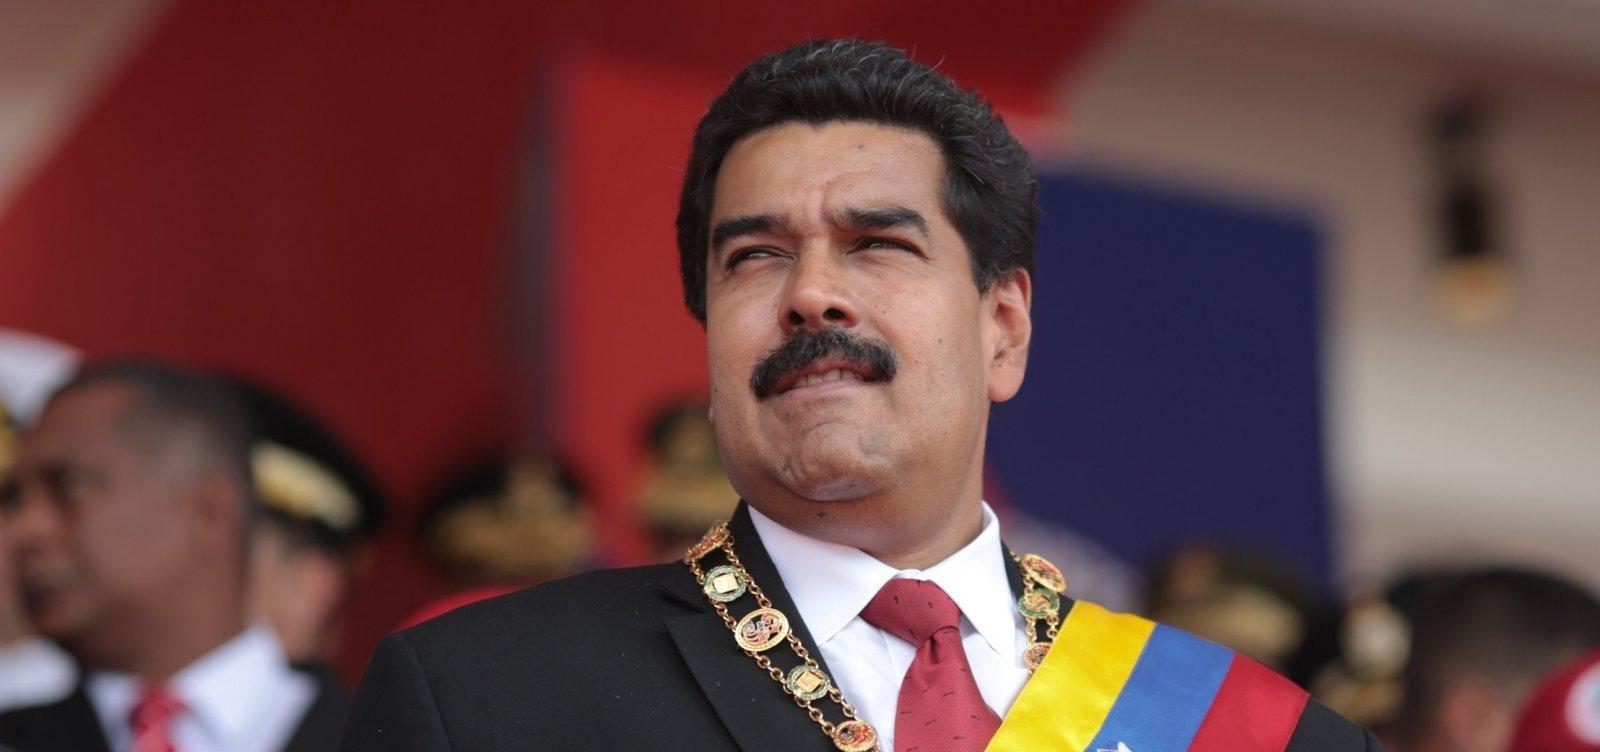 [Maduro cita Bolsonaro em discurso de posse e diz que o presidente é 'um fascista']